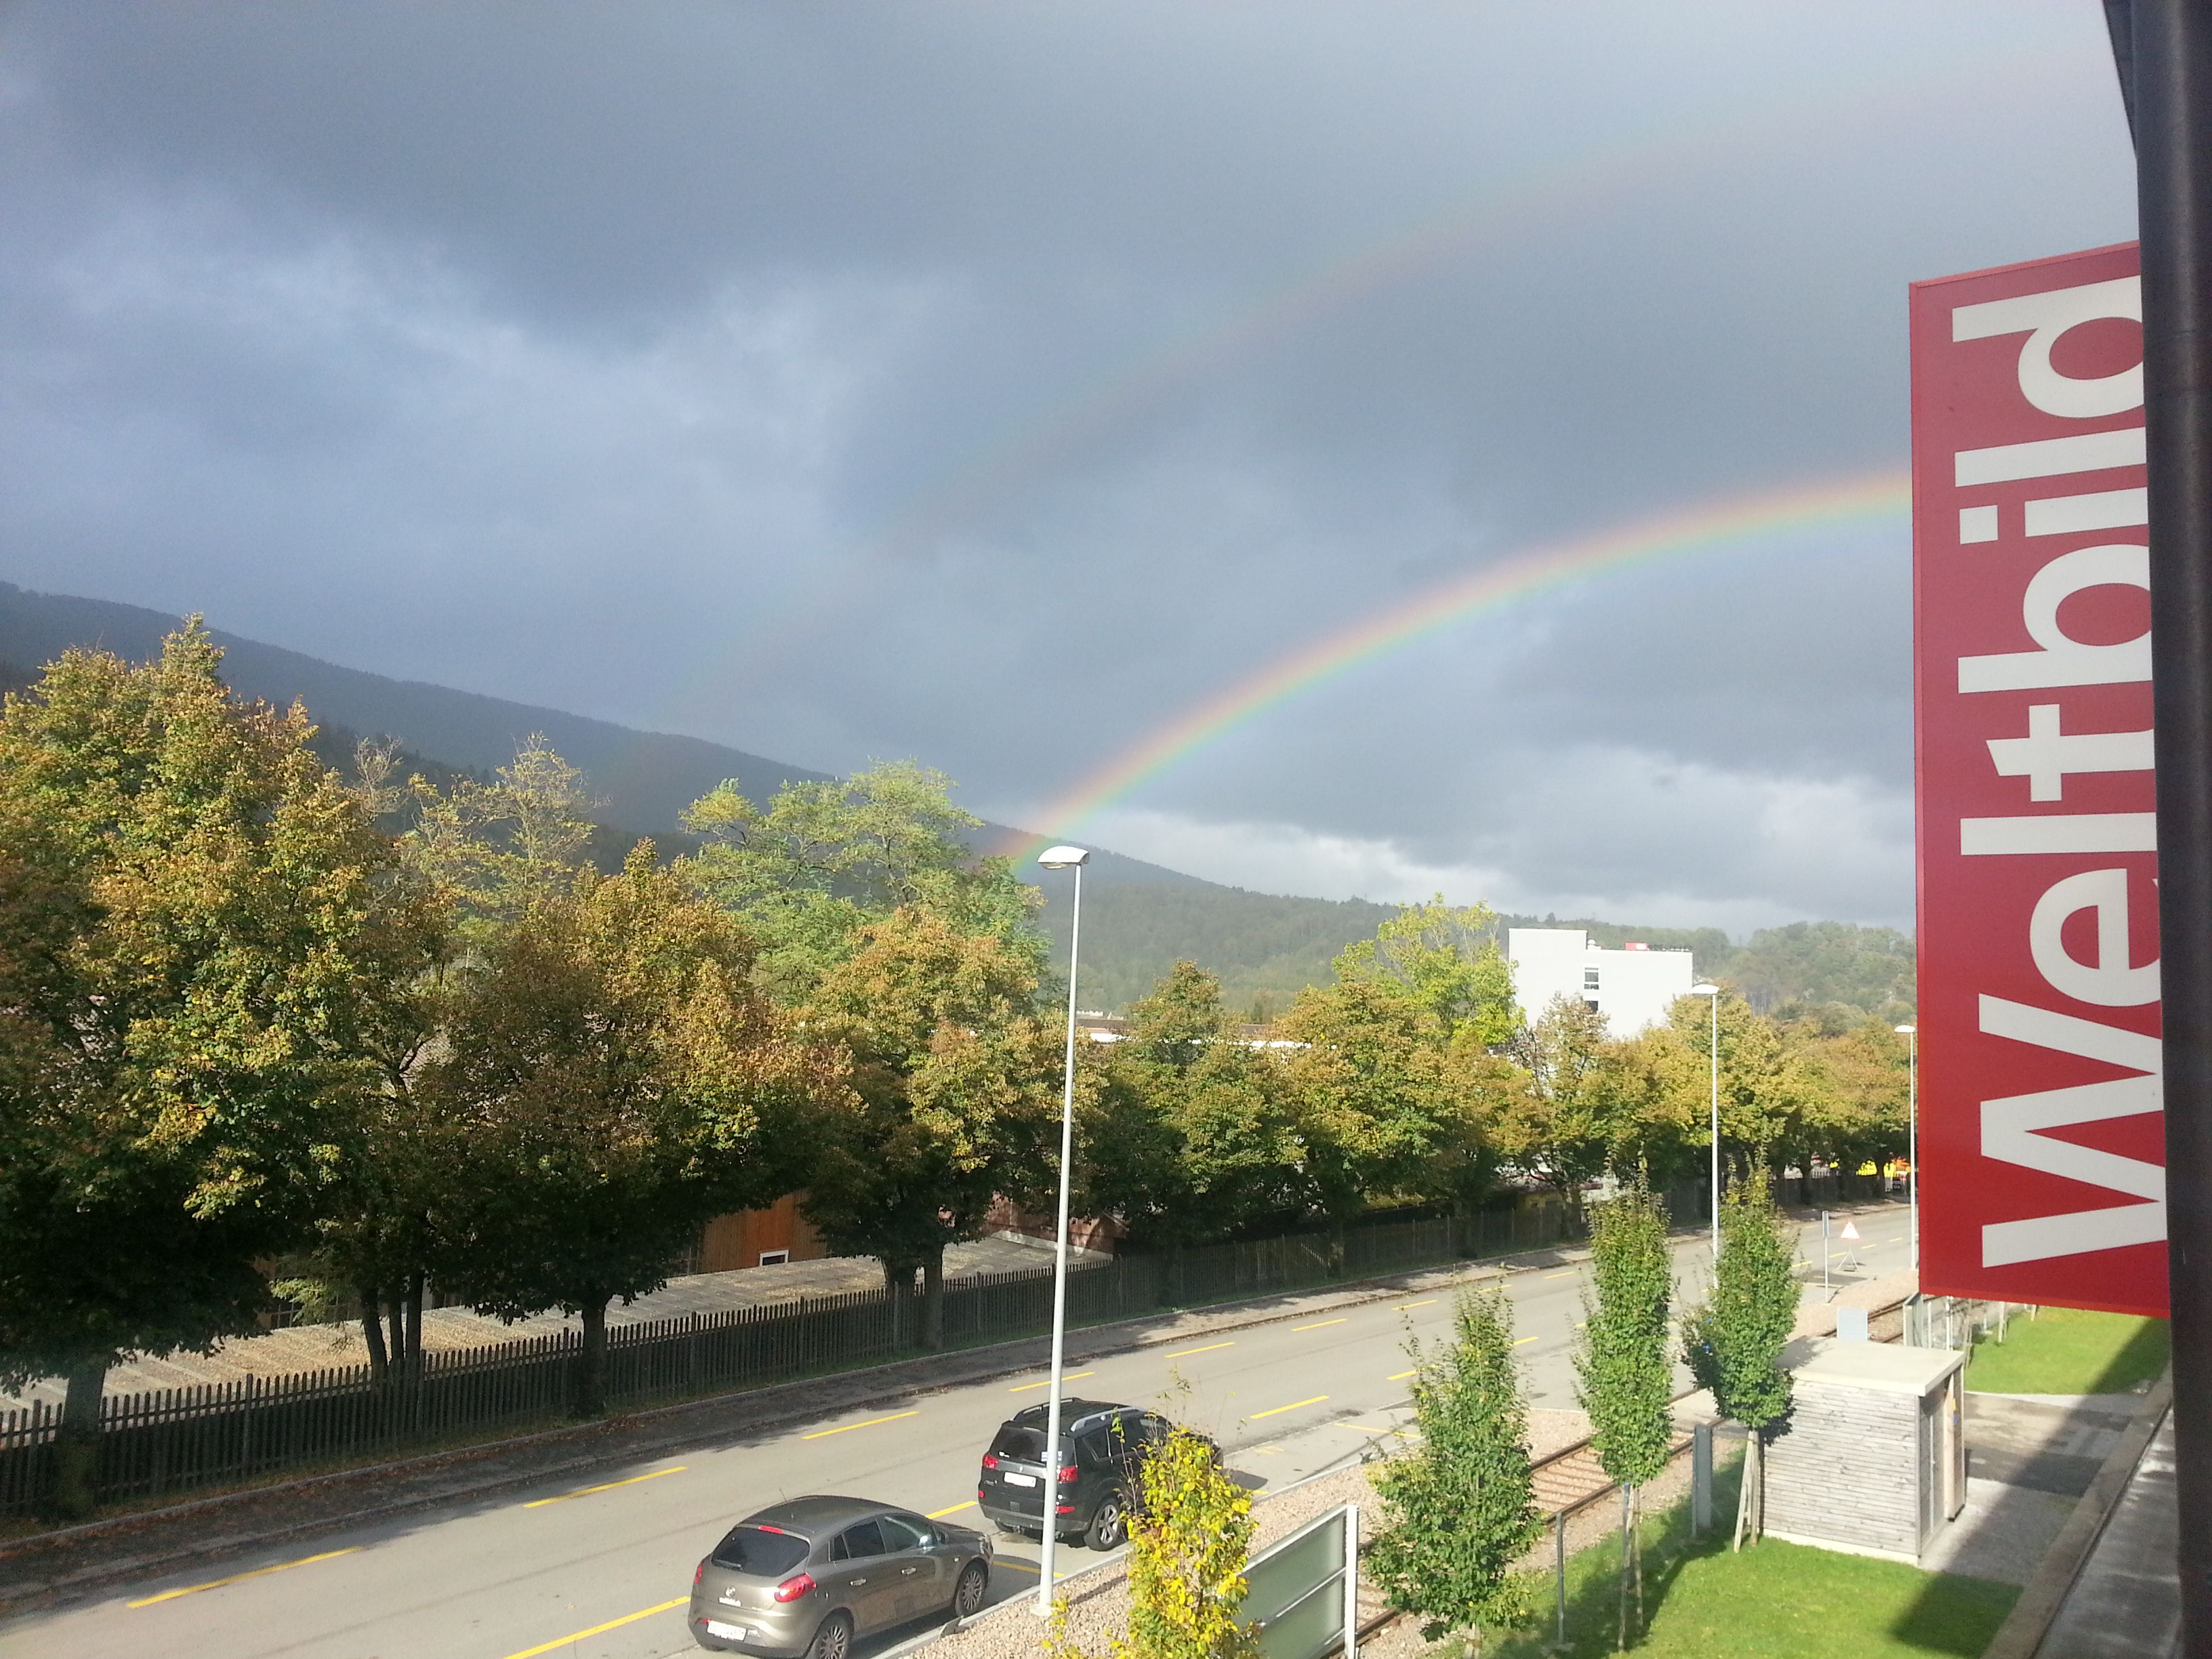 Ein doppelter Regenbogen direkt vor unserem Haus! Ein Zeichen um Feierabend zu machen?    Wir wünsche jedenfalls allen ein schönes Wochenende :-)